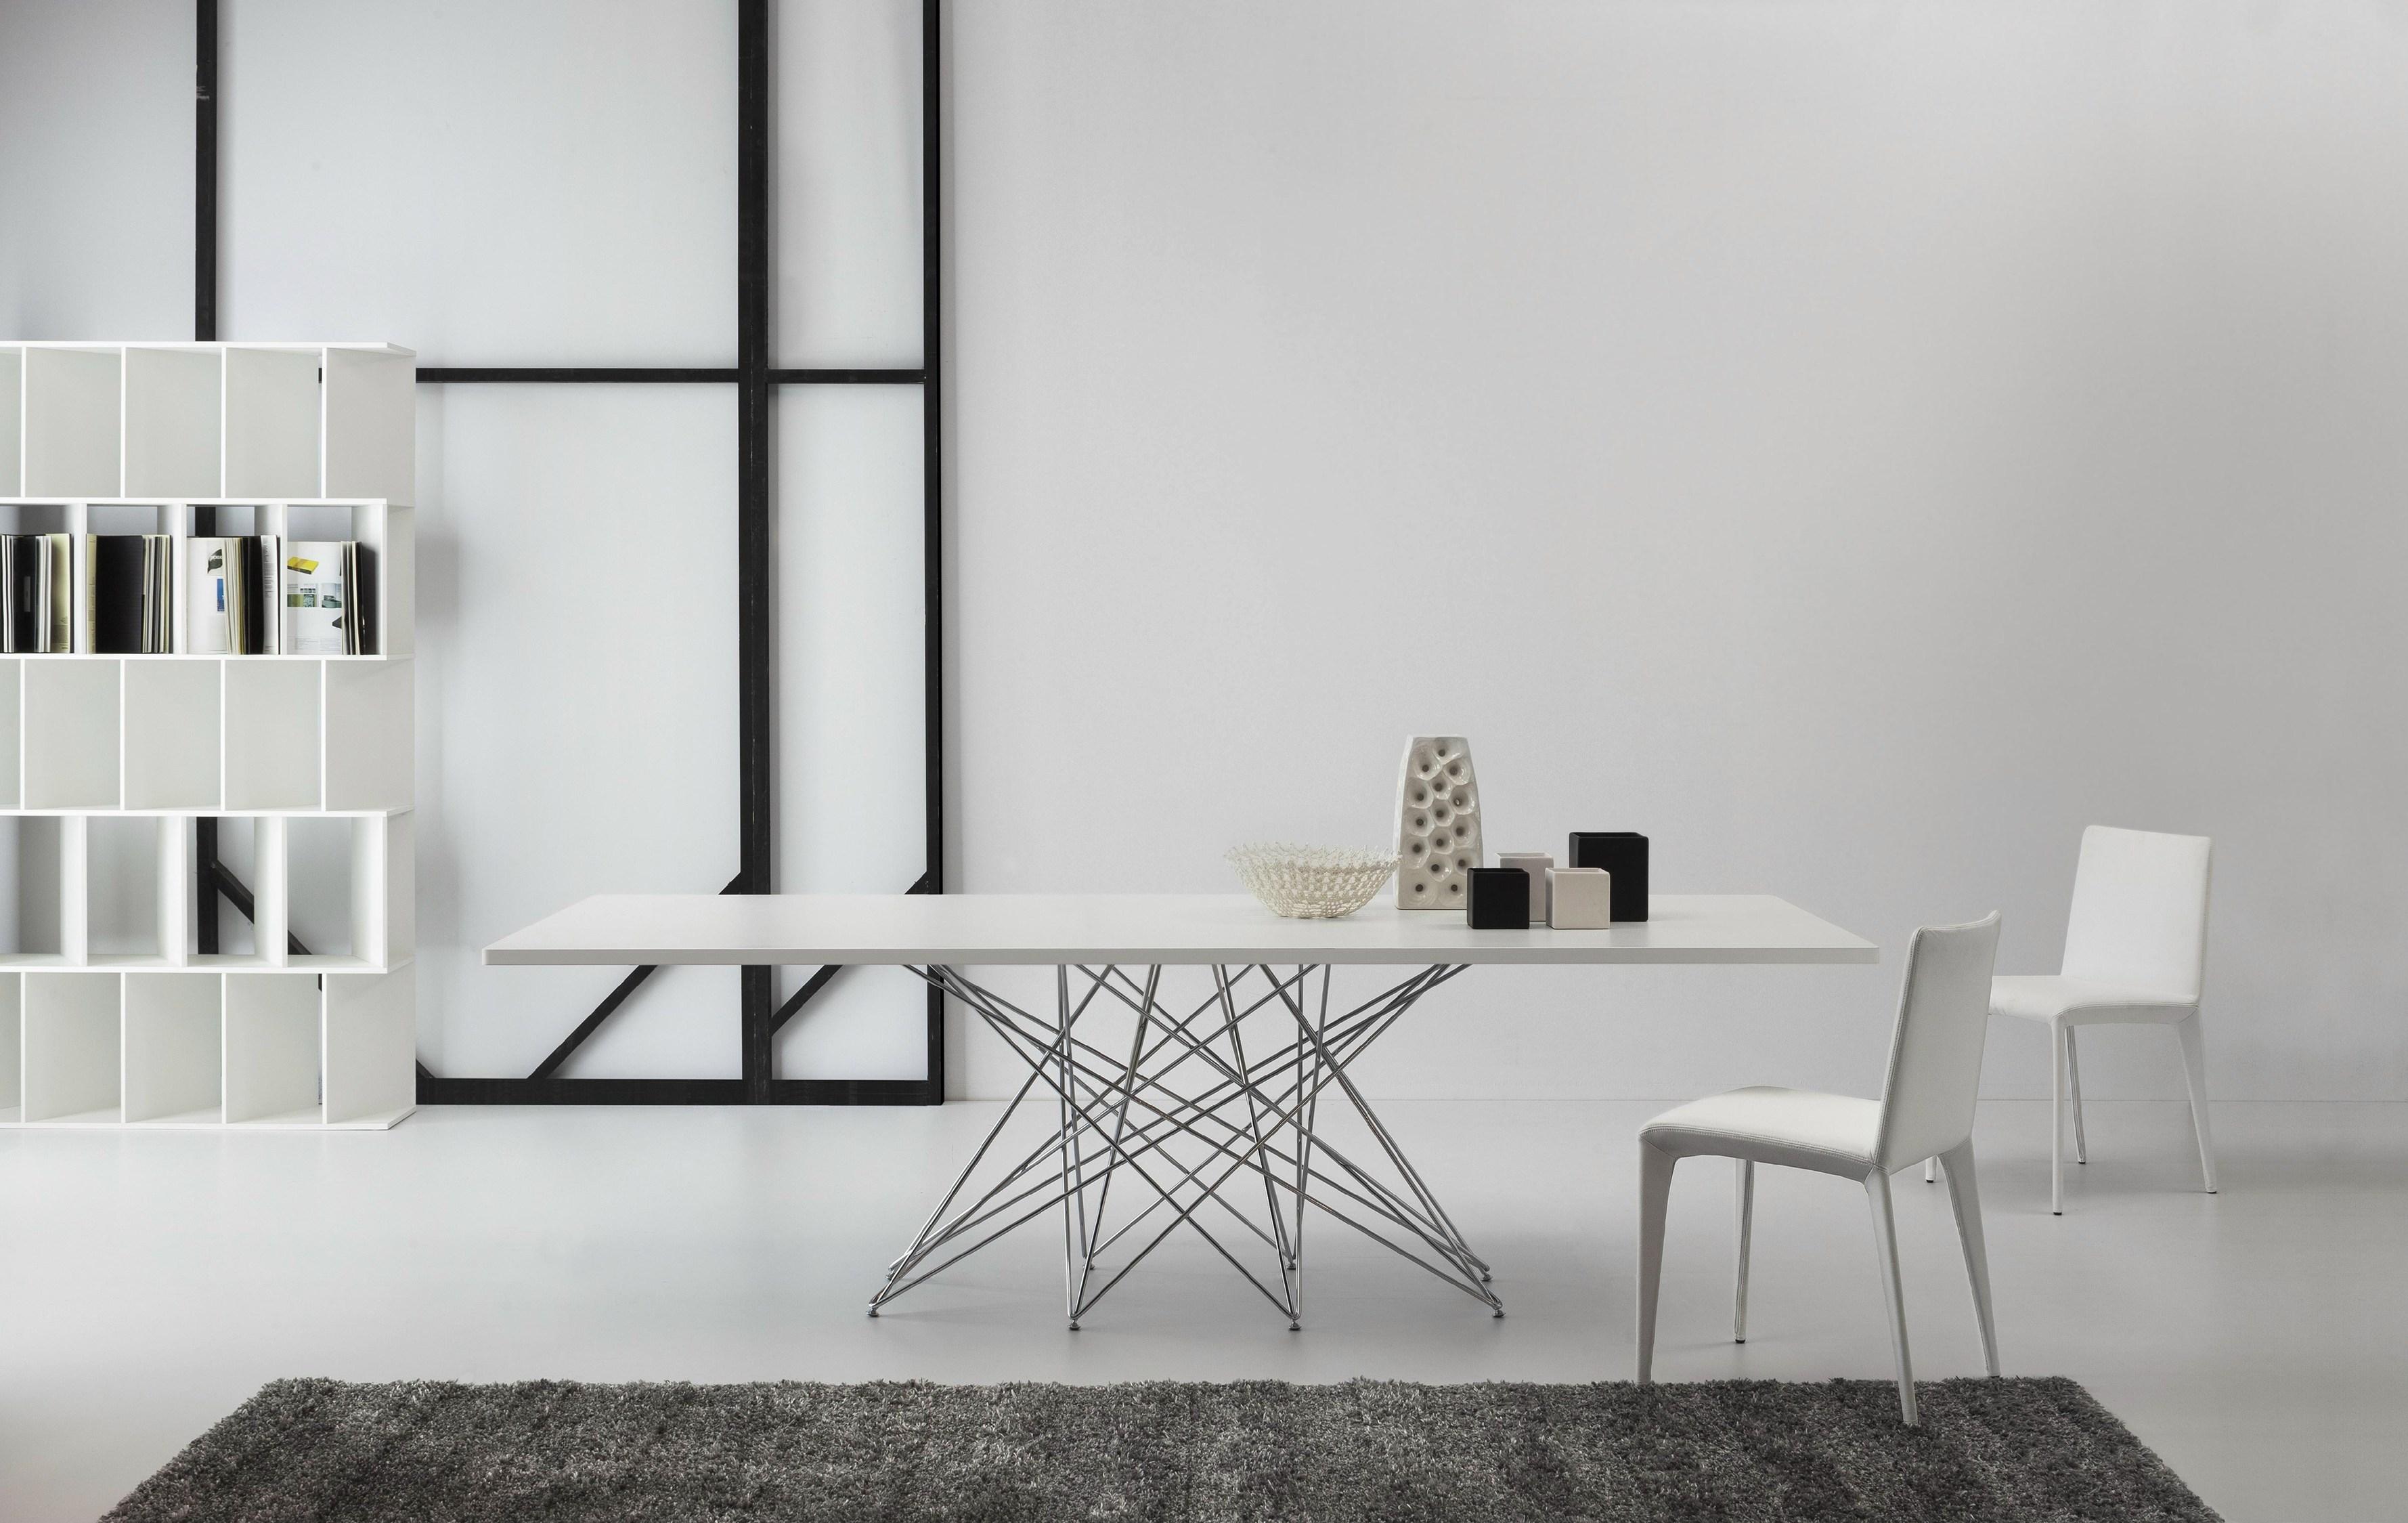 Tavolo bonaldo octa in vetro e acciaio rettangolari - Tavolo acciaio e vetro ...